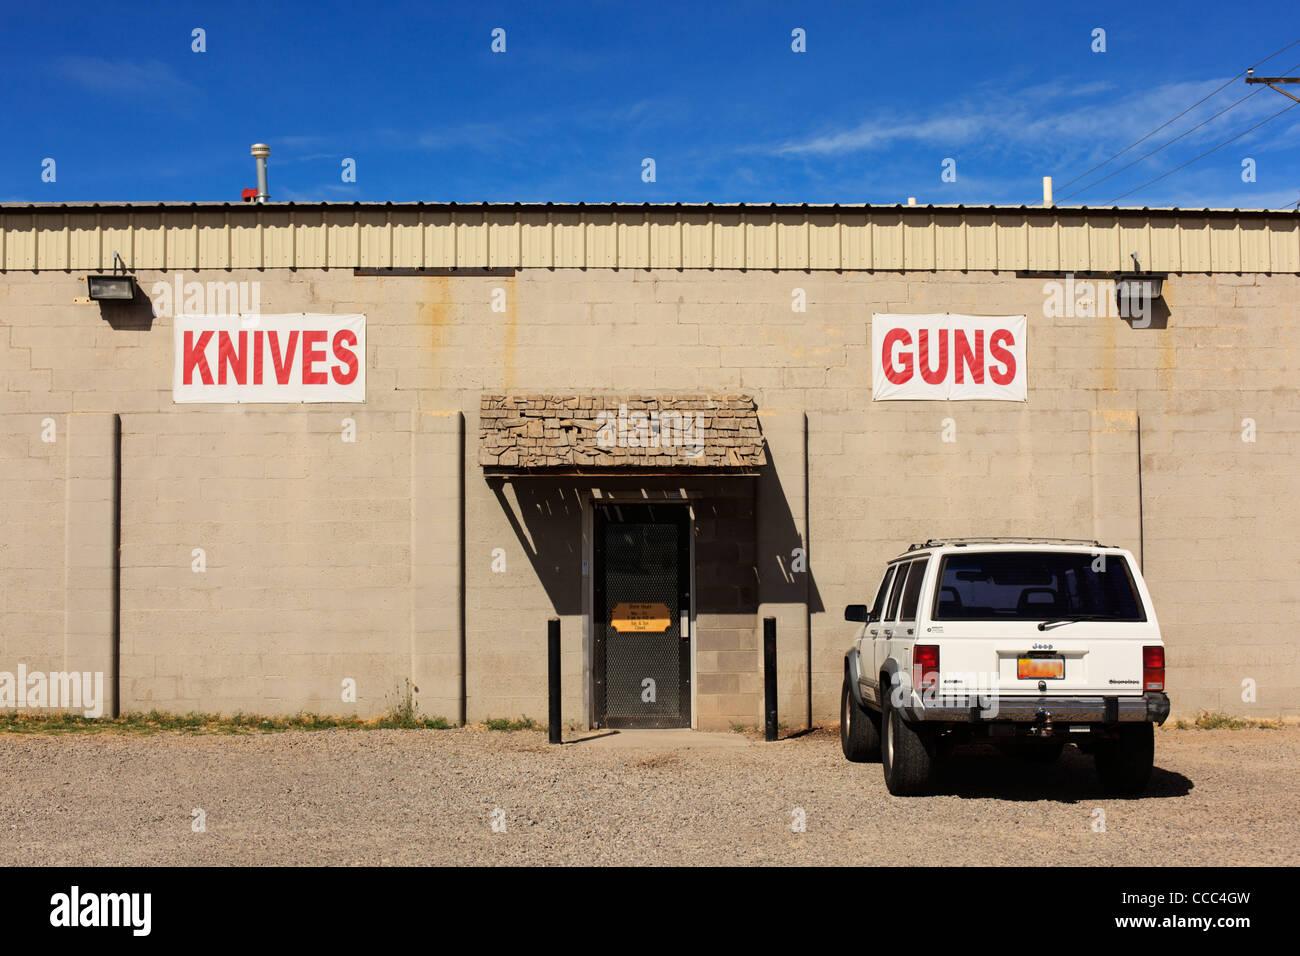 Negozio di vendita coltelli e pistole, Nuovo Messico, Stati Uniti d'America (licenza del veicolo oscurato). Immagini Stock